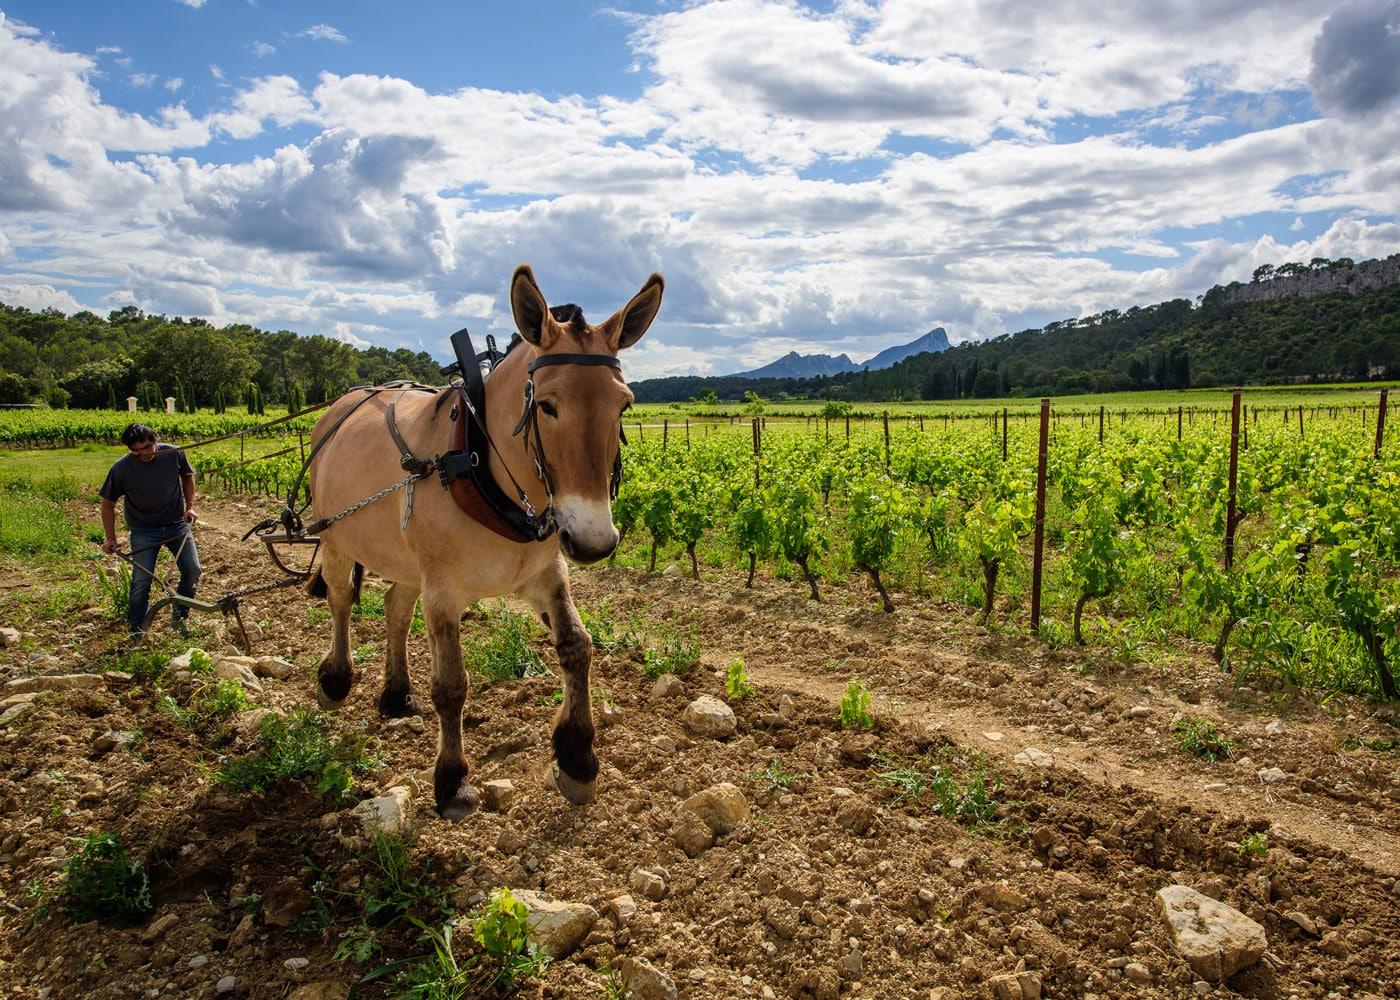 sudnly-chateau-la-roque-fontanes-cheval-labour-vignes